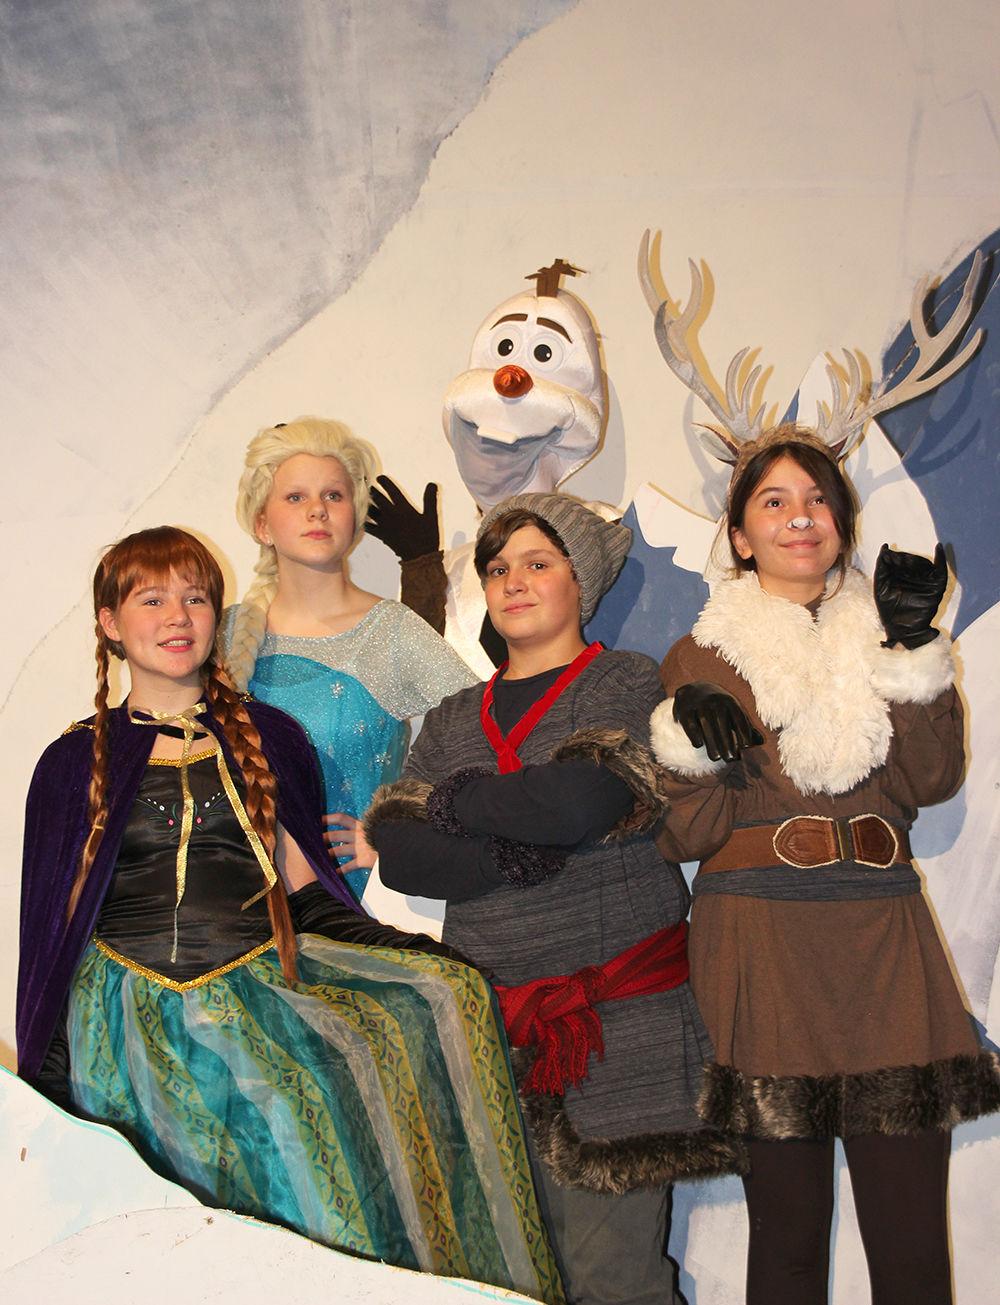 Download Frozen Sven Costume Pics